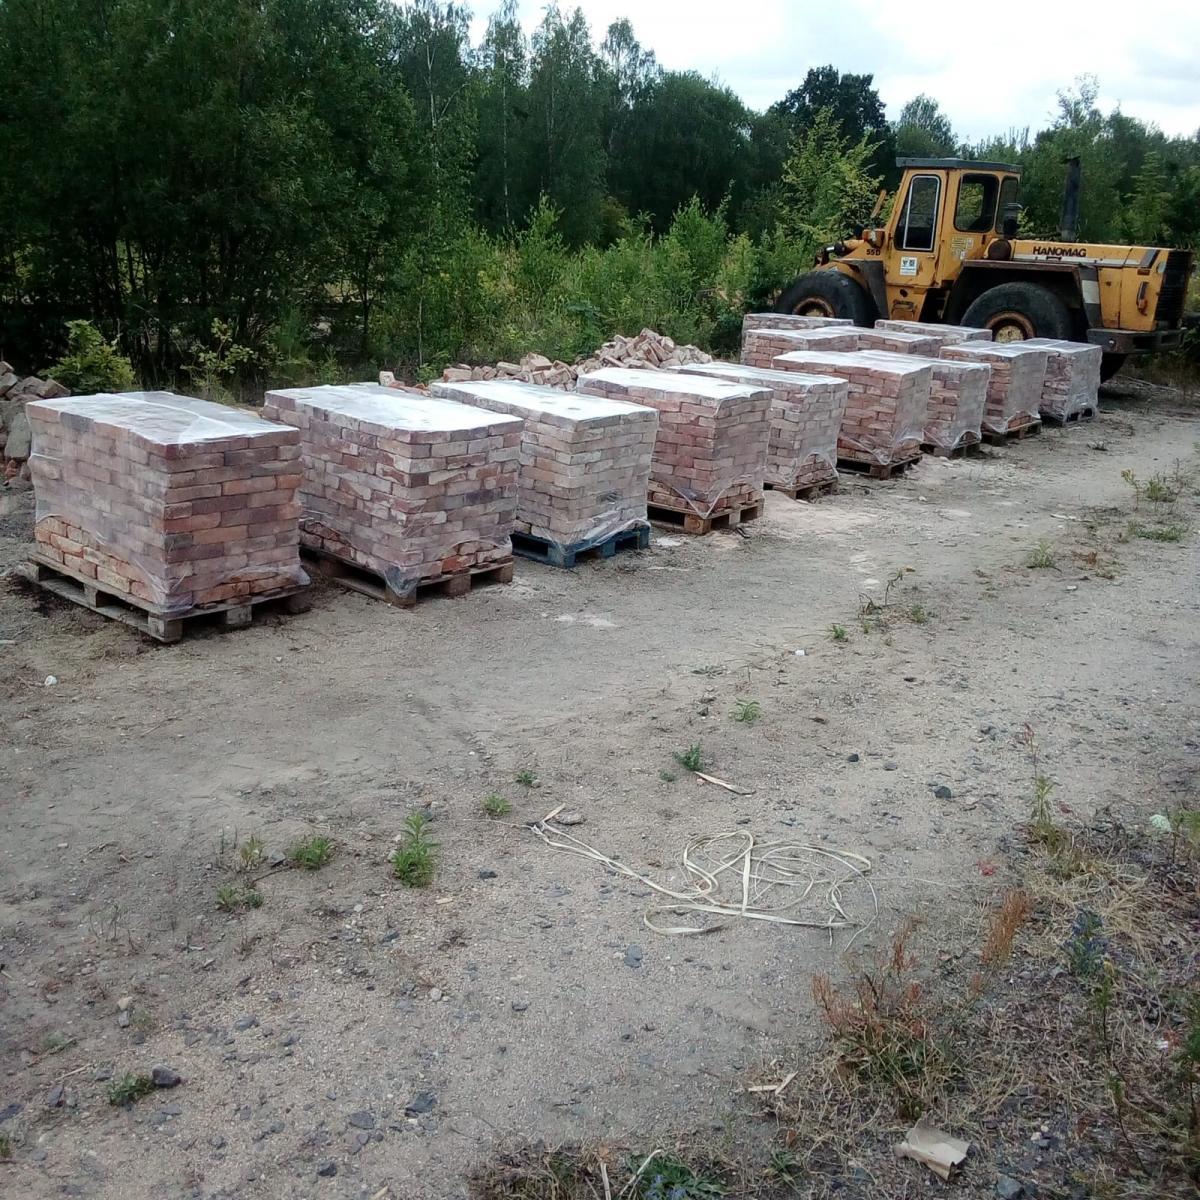 alte Ziegelsteine Klinker Backsteine gebrauchte Mauersteine Antikziegel Verblender historisches Mauerwerk Weinkeller Ruinenmauer ökologische klimaneutral Landhaus rustikal 4